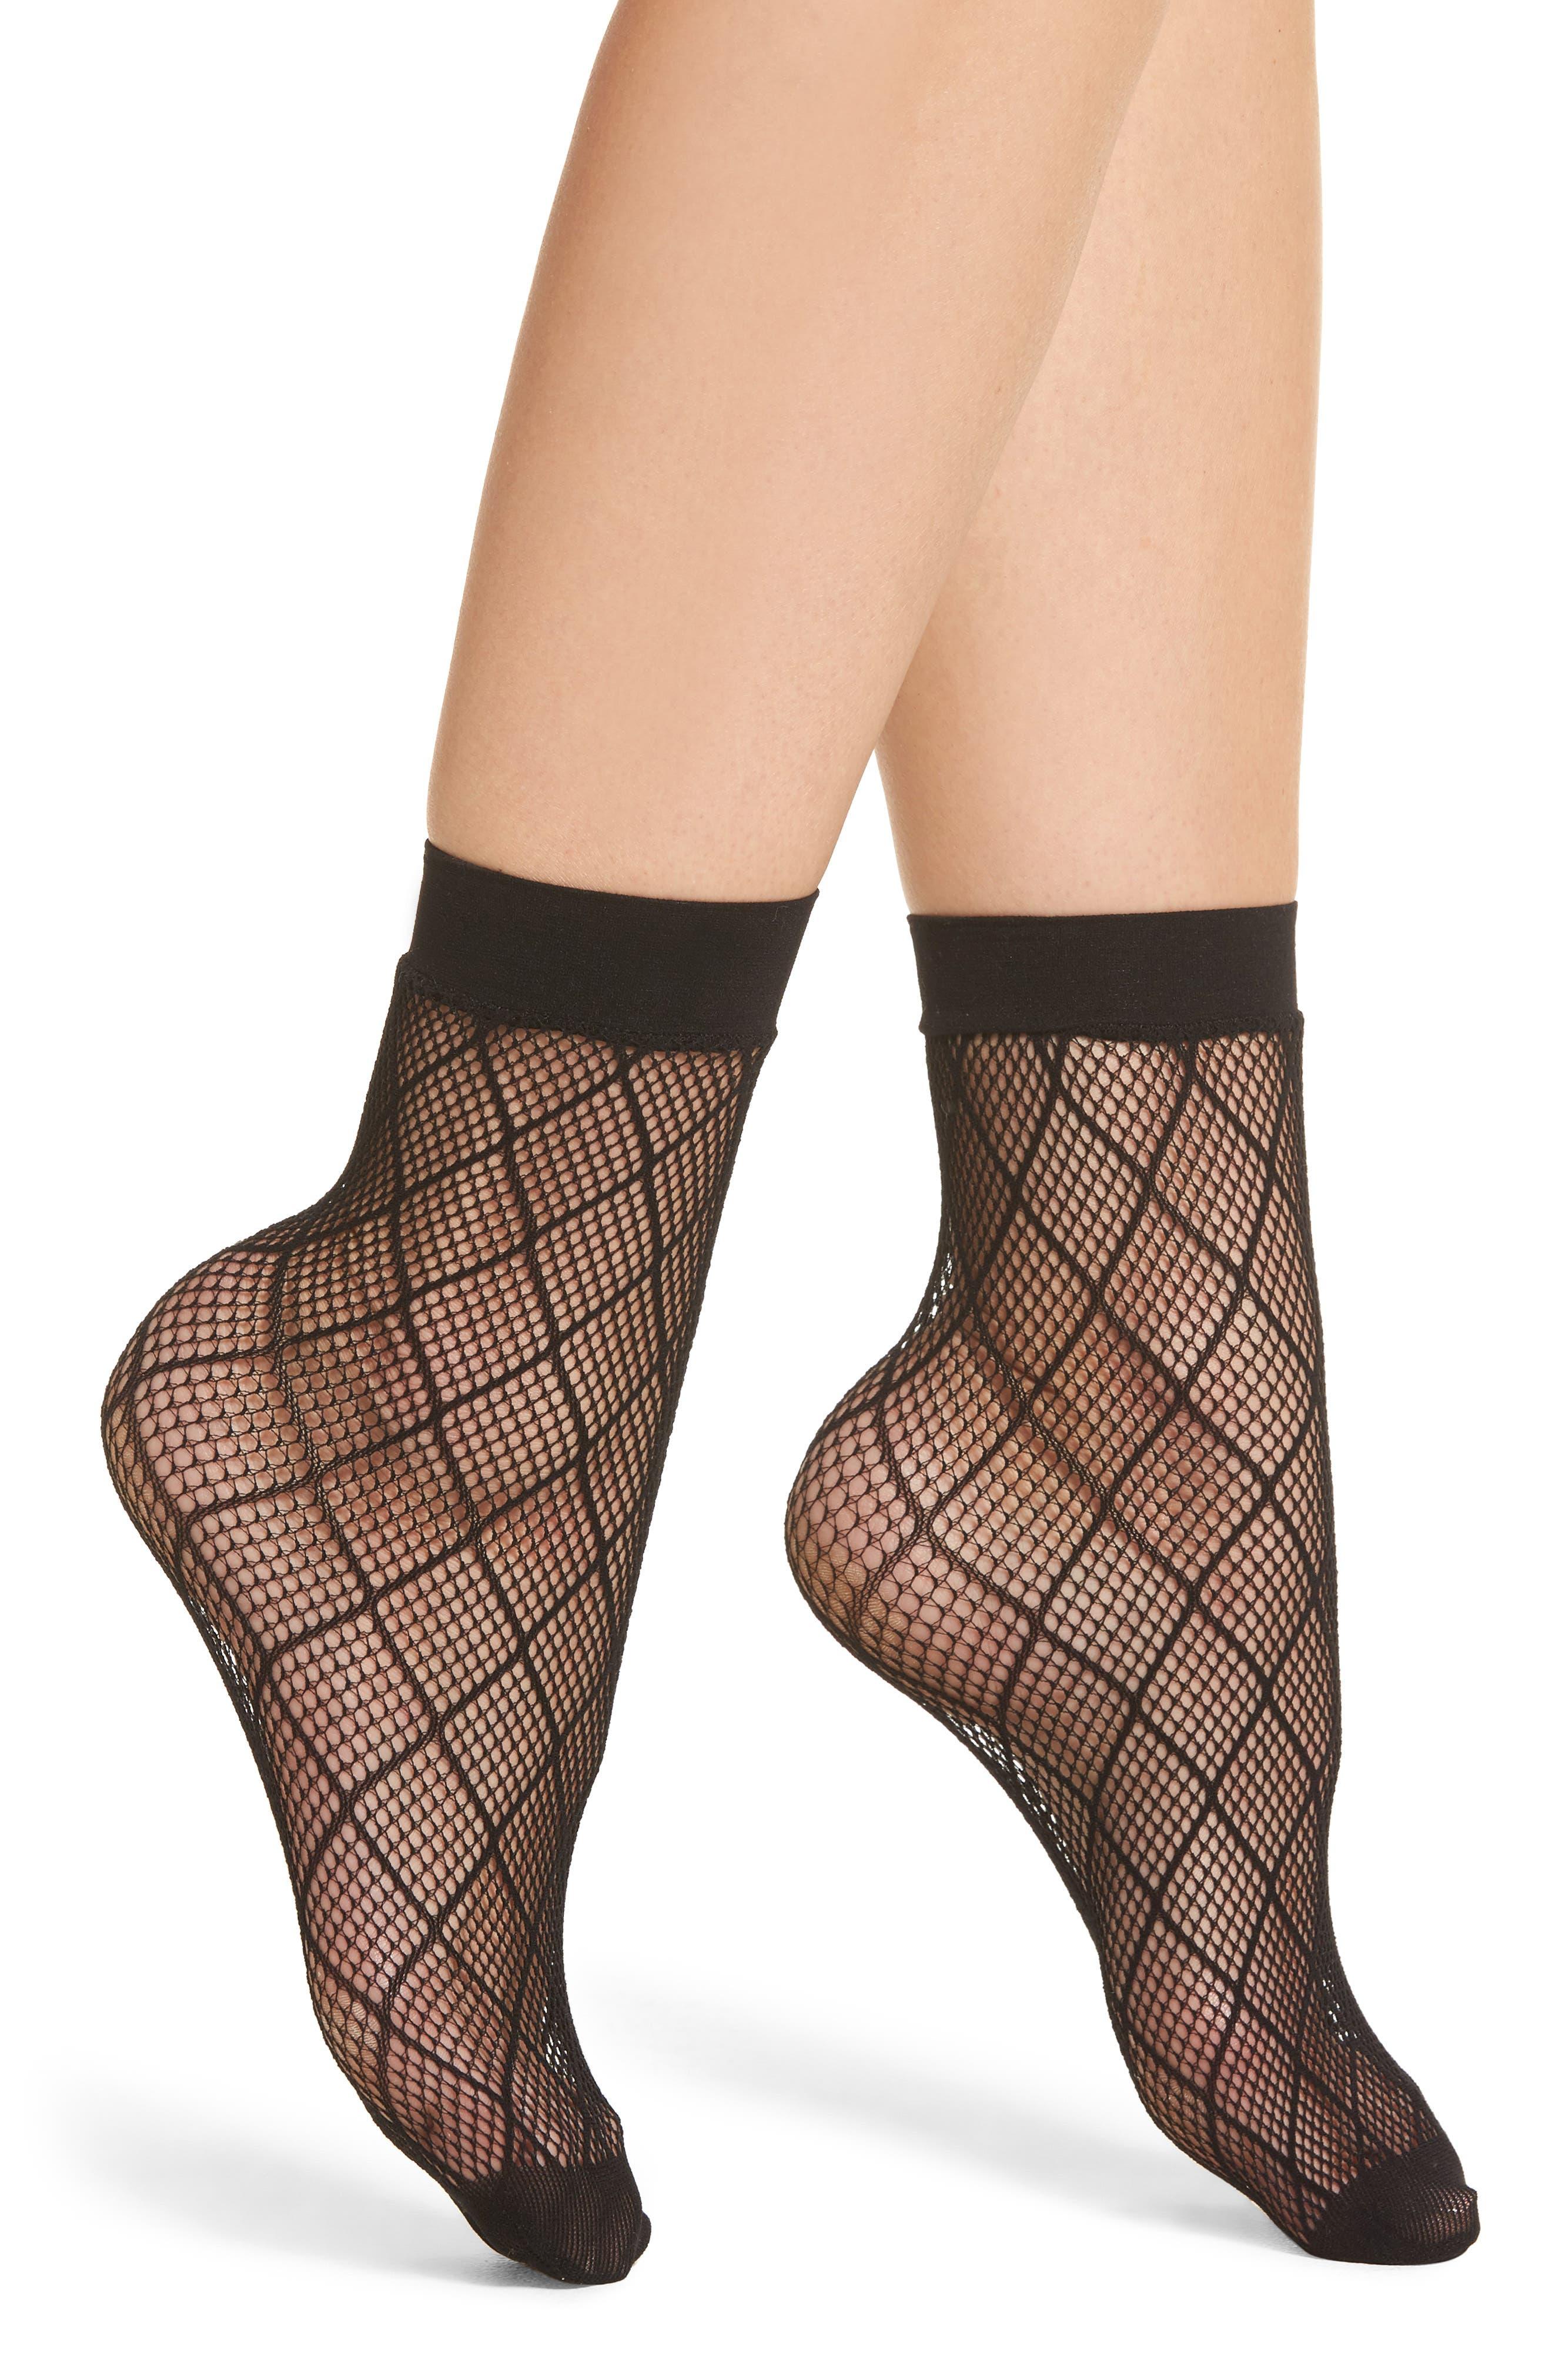 Nordstrom Diamond Fishnet Ankle Socks